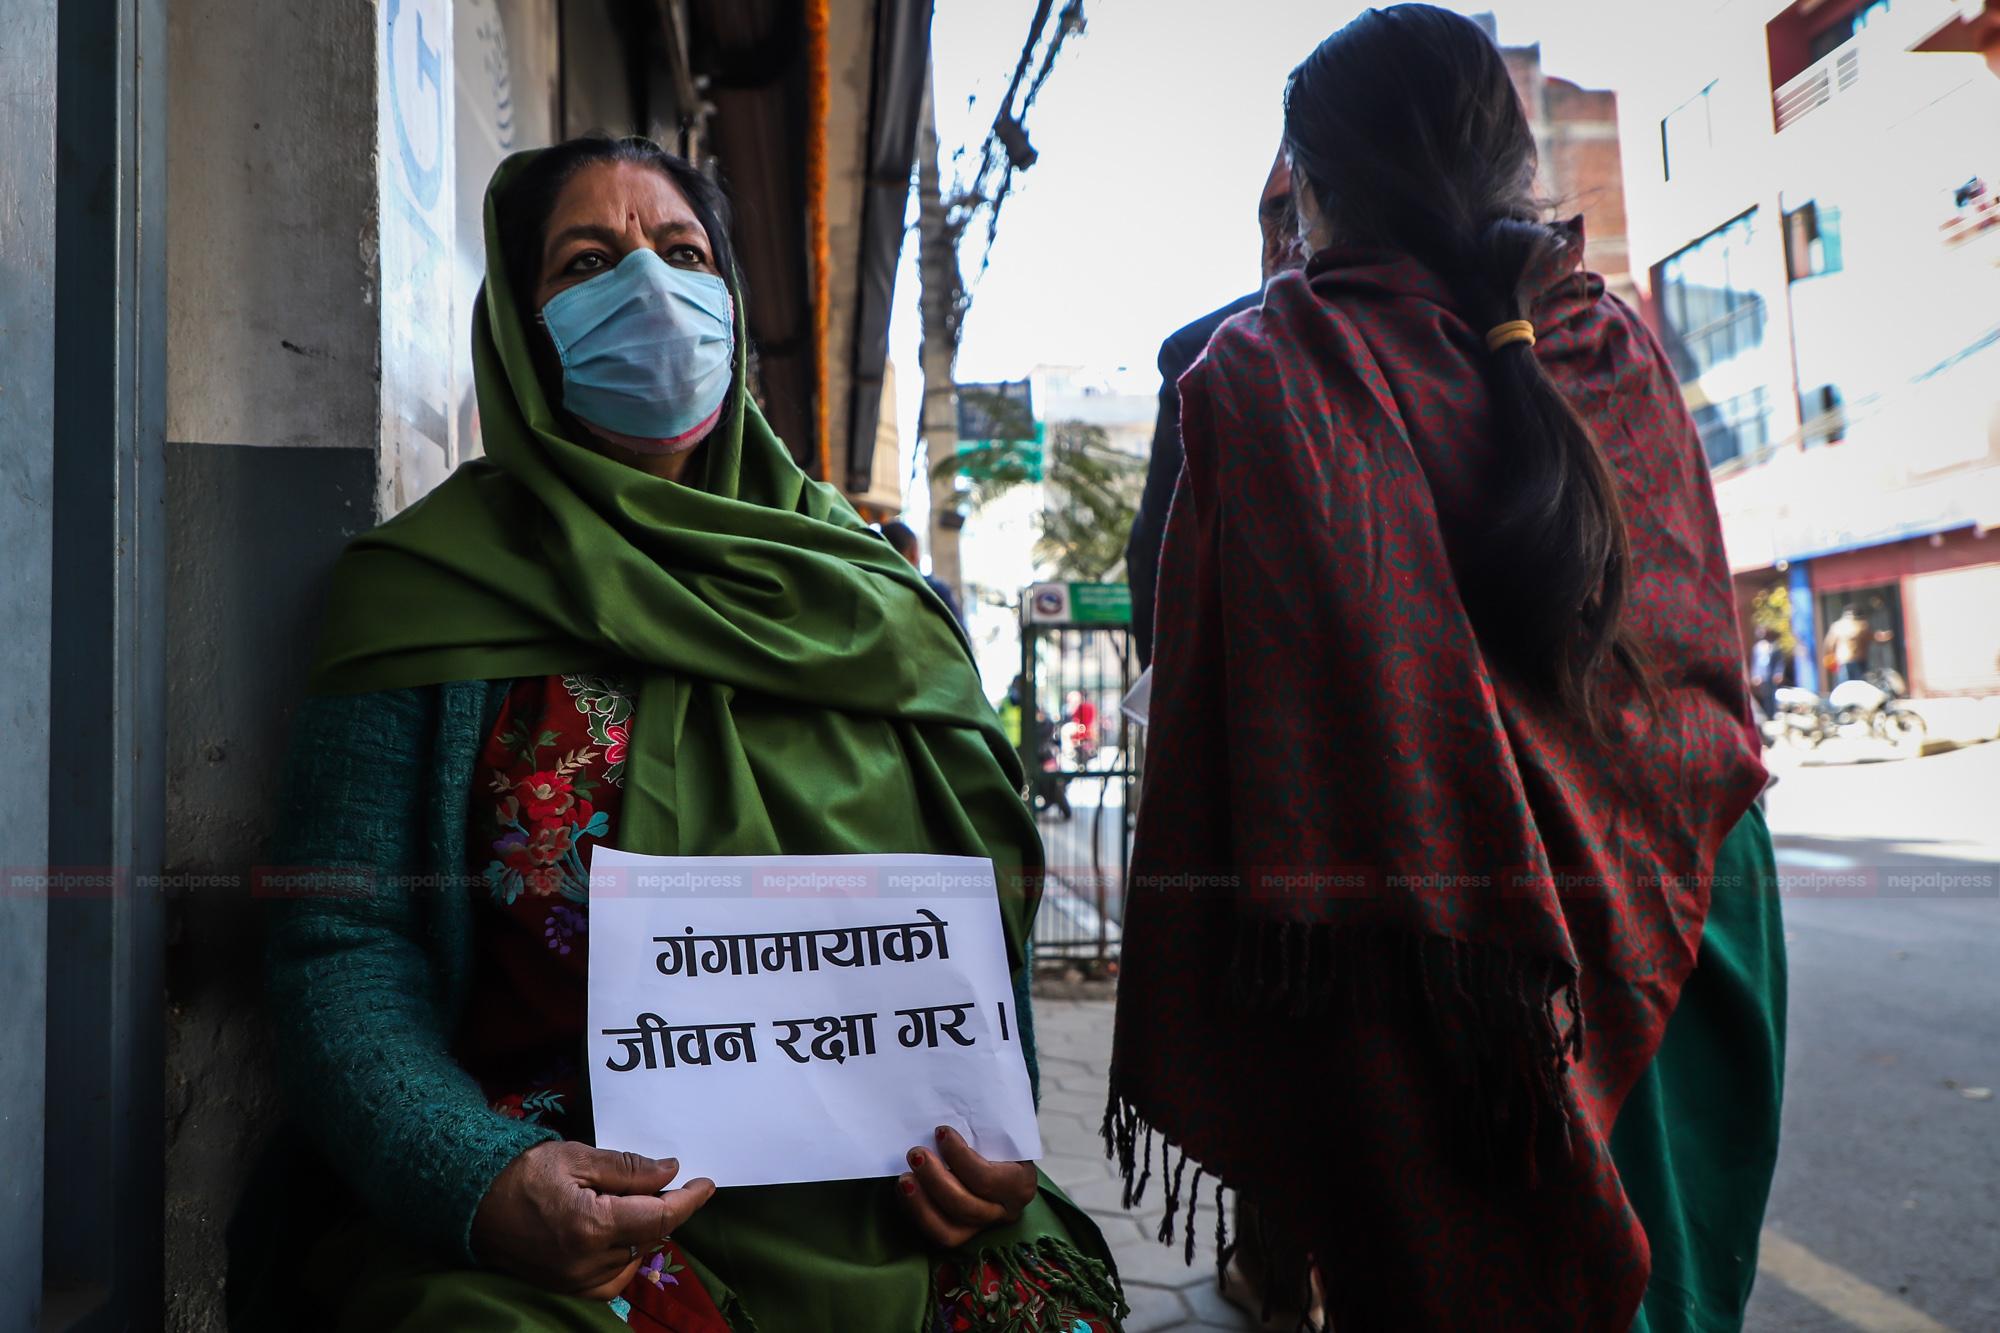 गंगामायाको जीवन रक्षाको माग गर्दै बालुवाटारअघि र्याली (भिडियो)